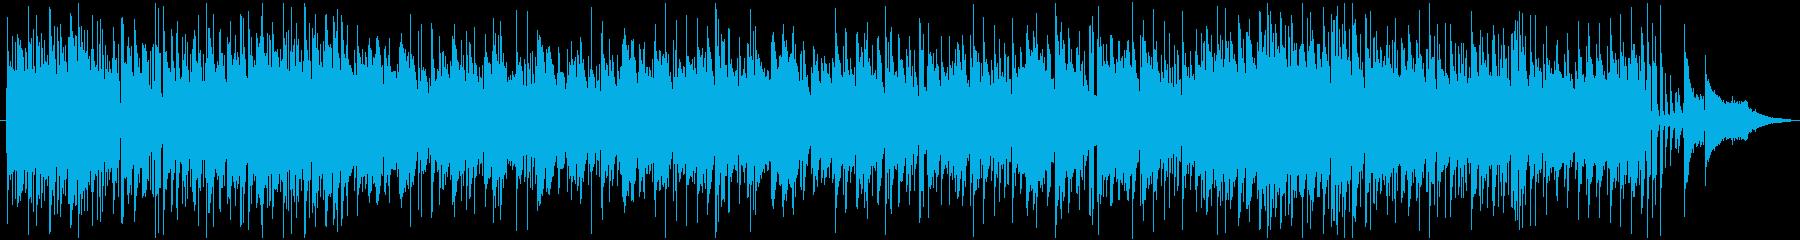 もの悲しいBossa Novaの再生済みの波形